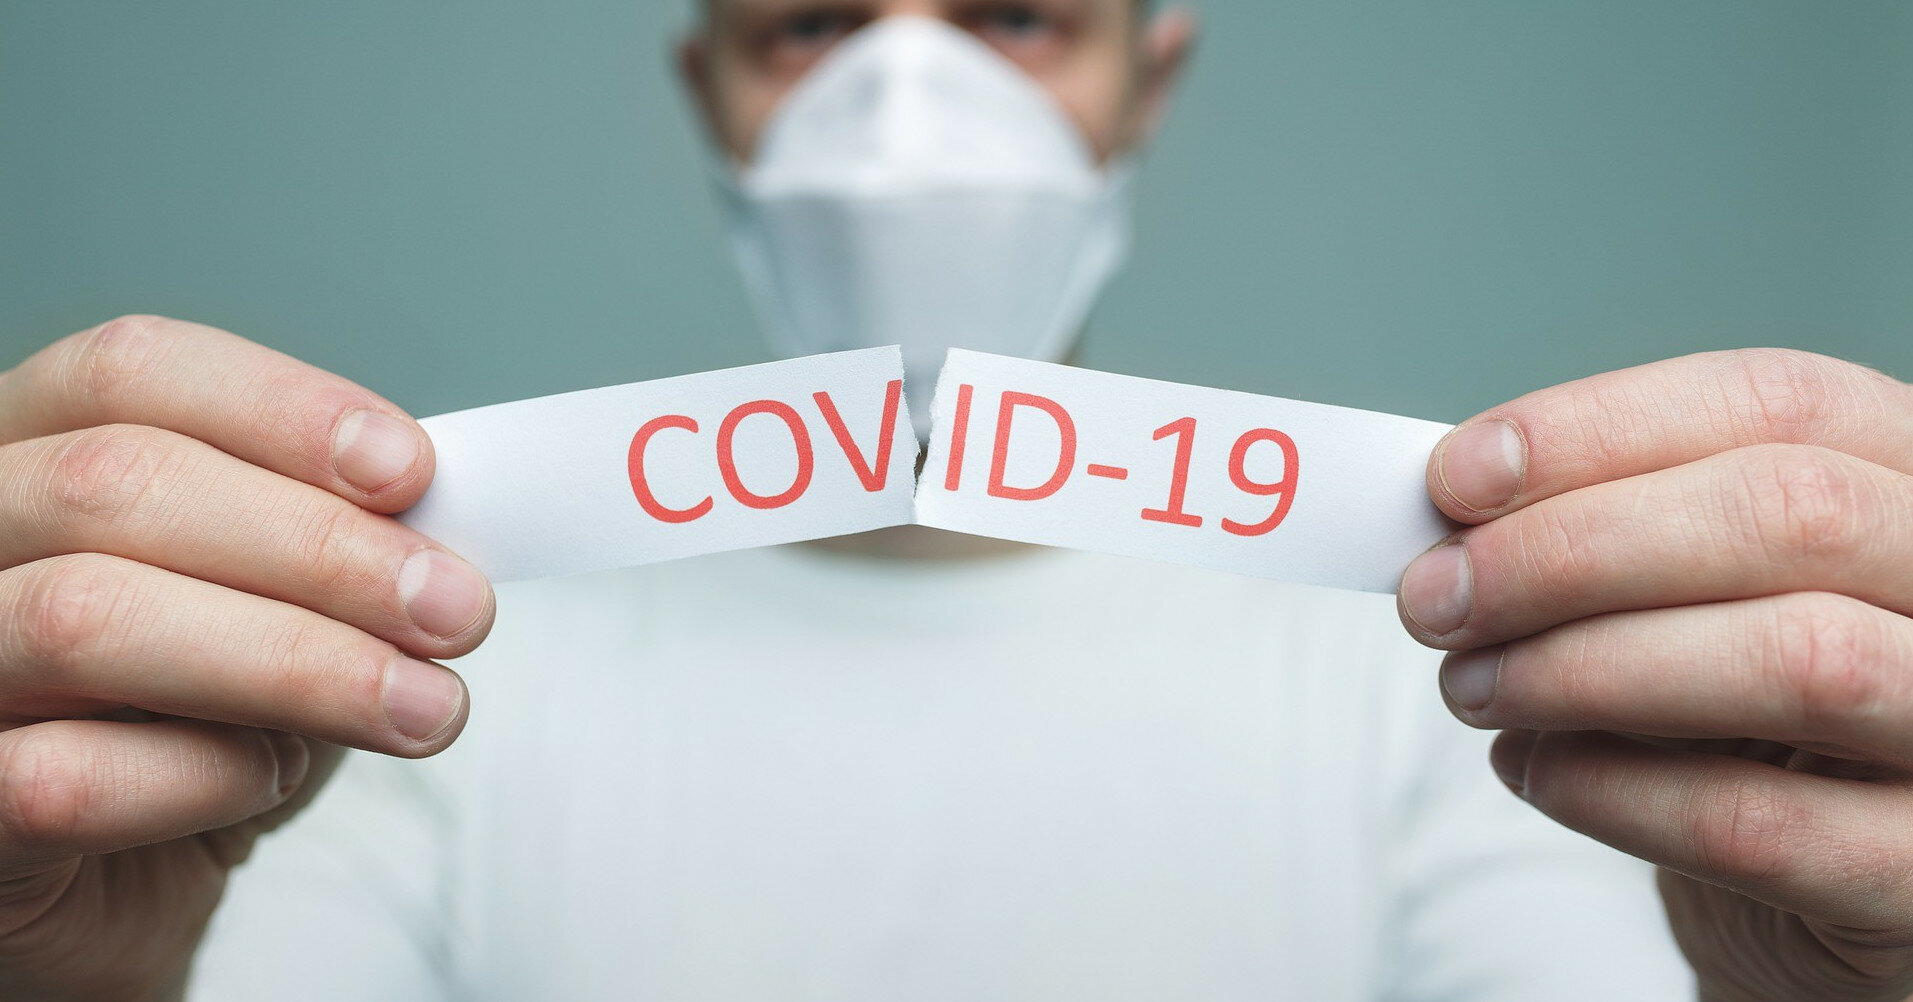 Ученые объяснили проблемы с дыханием после COVID-19